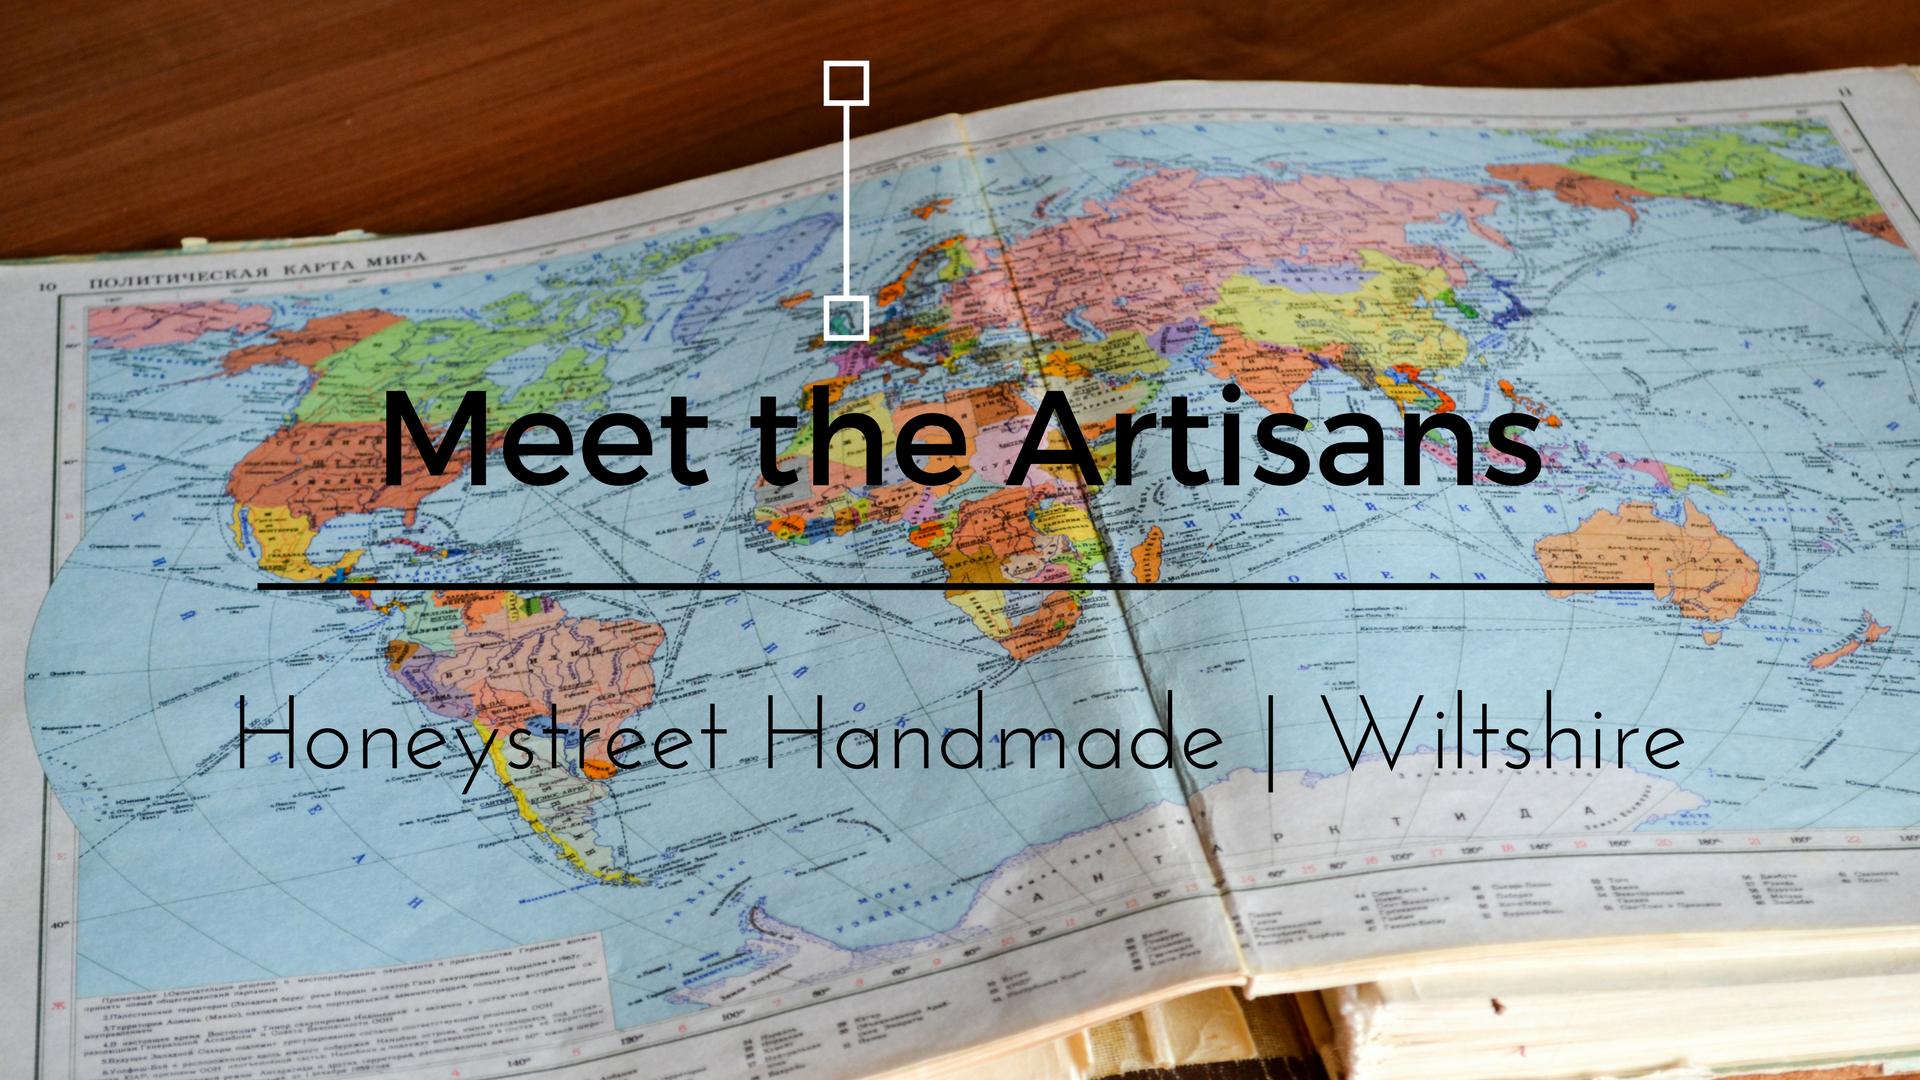 Meet the artisans Honeystreet